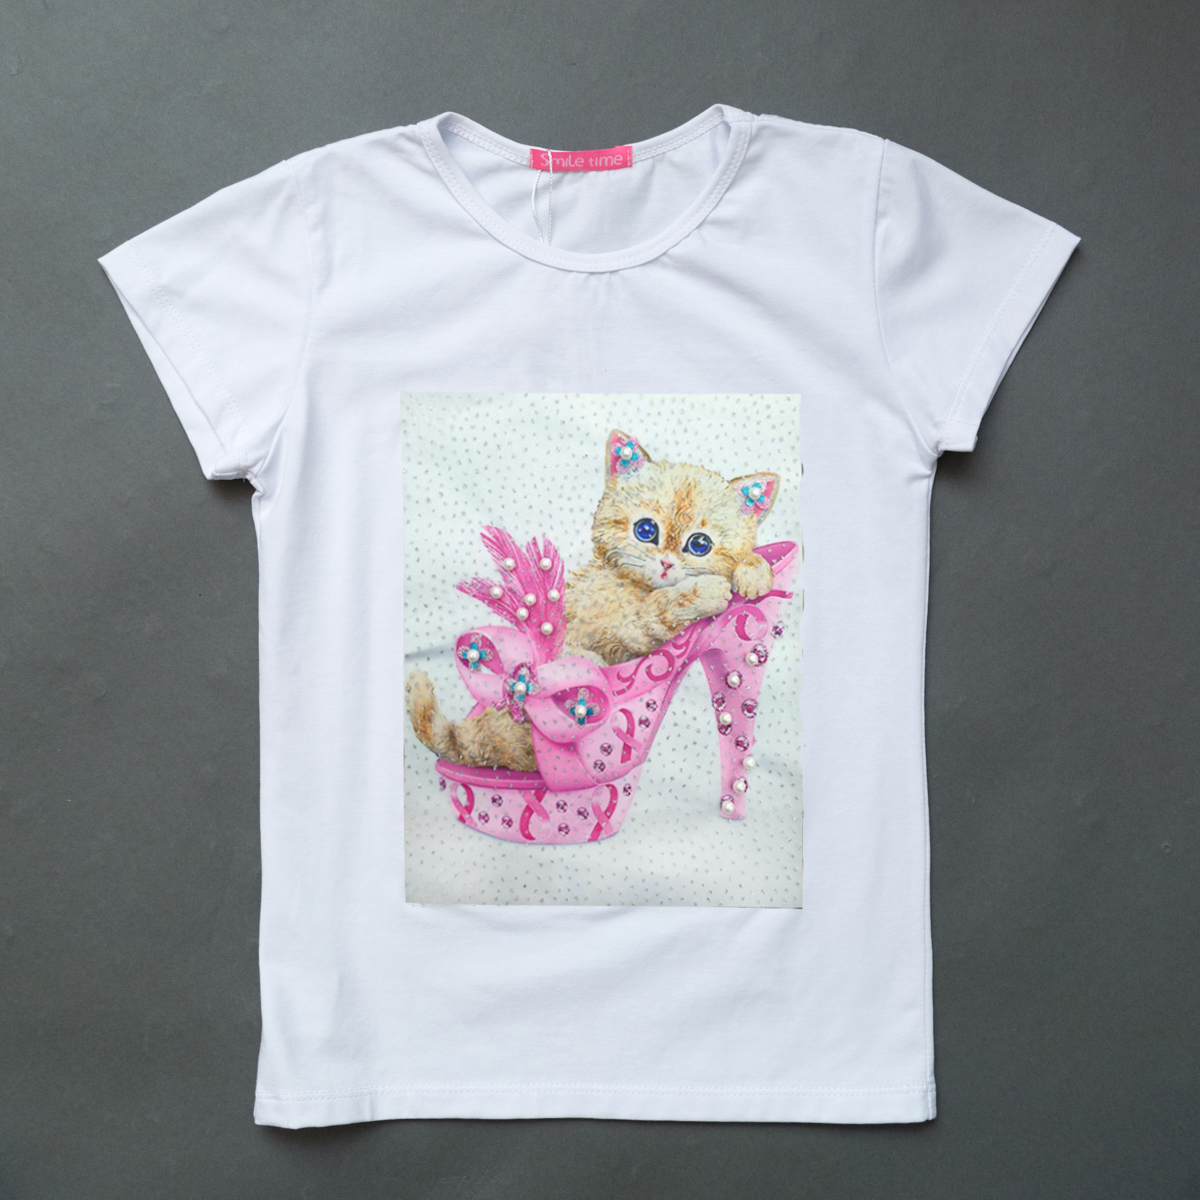 Футболка SmileTime для девочки Kitten, белый